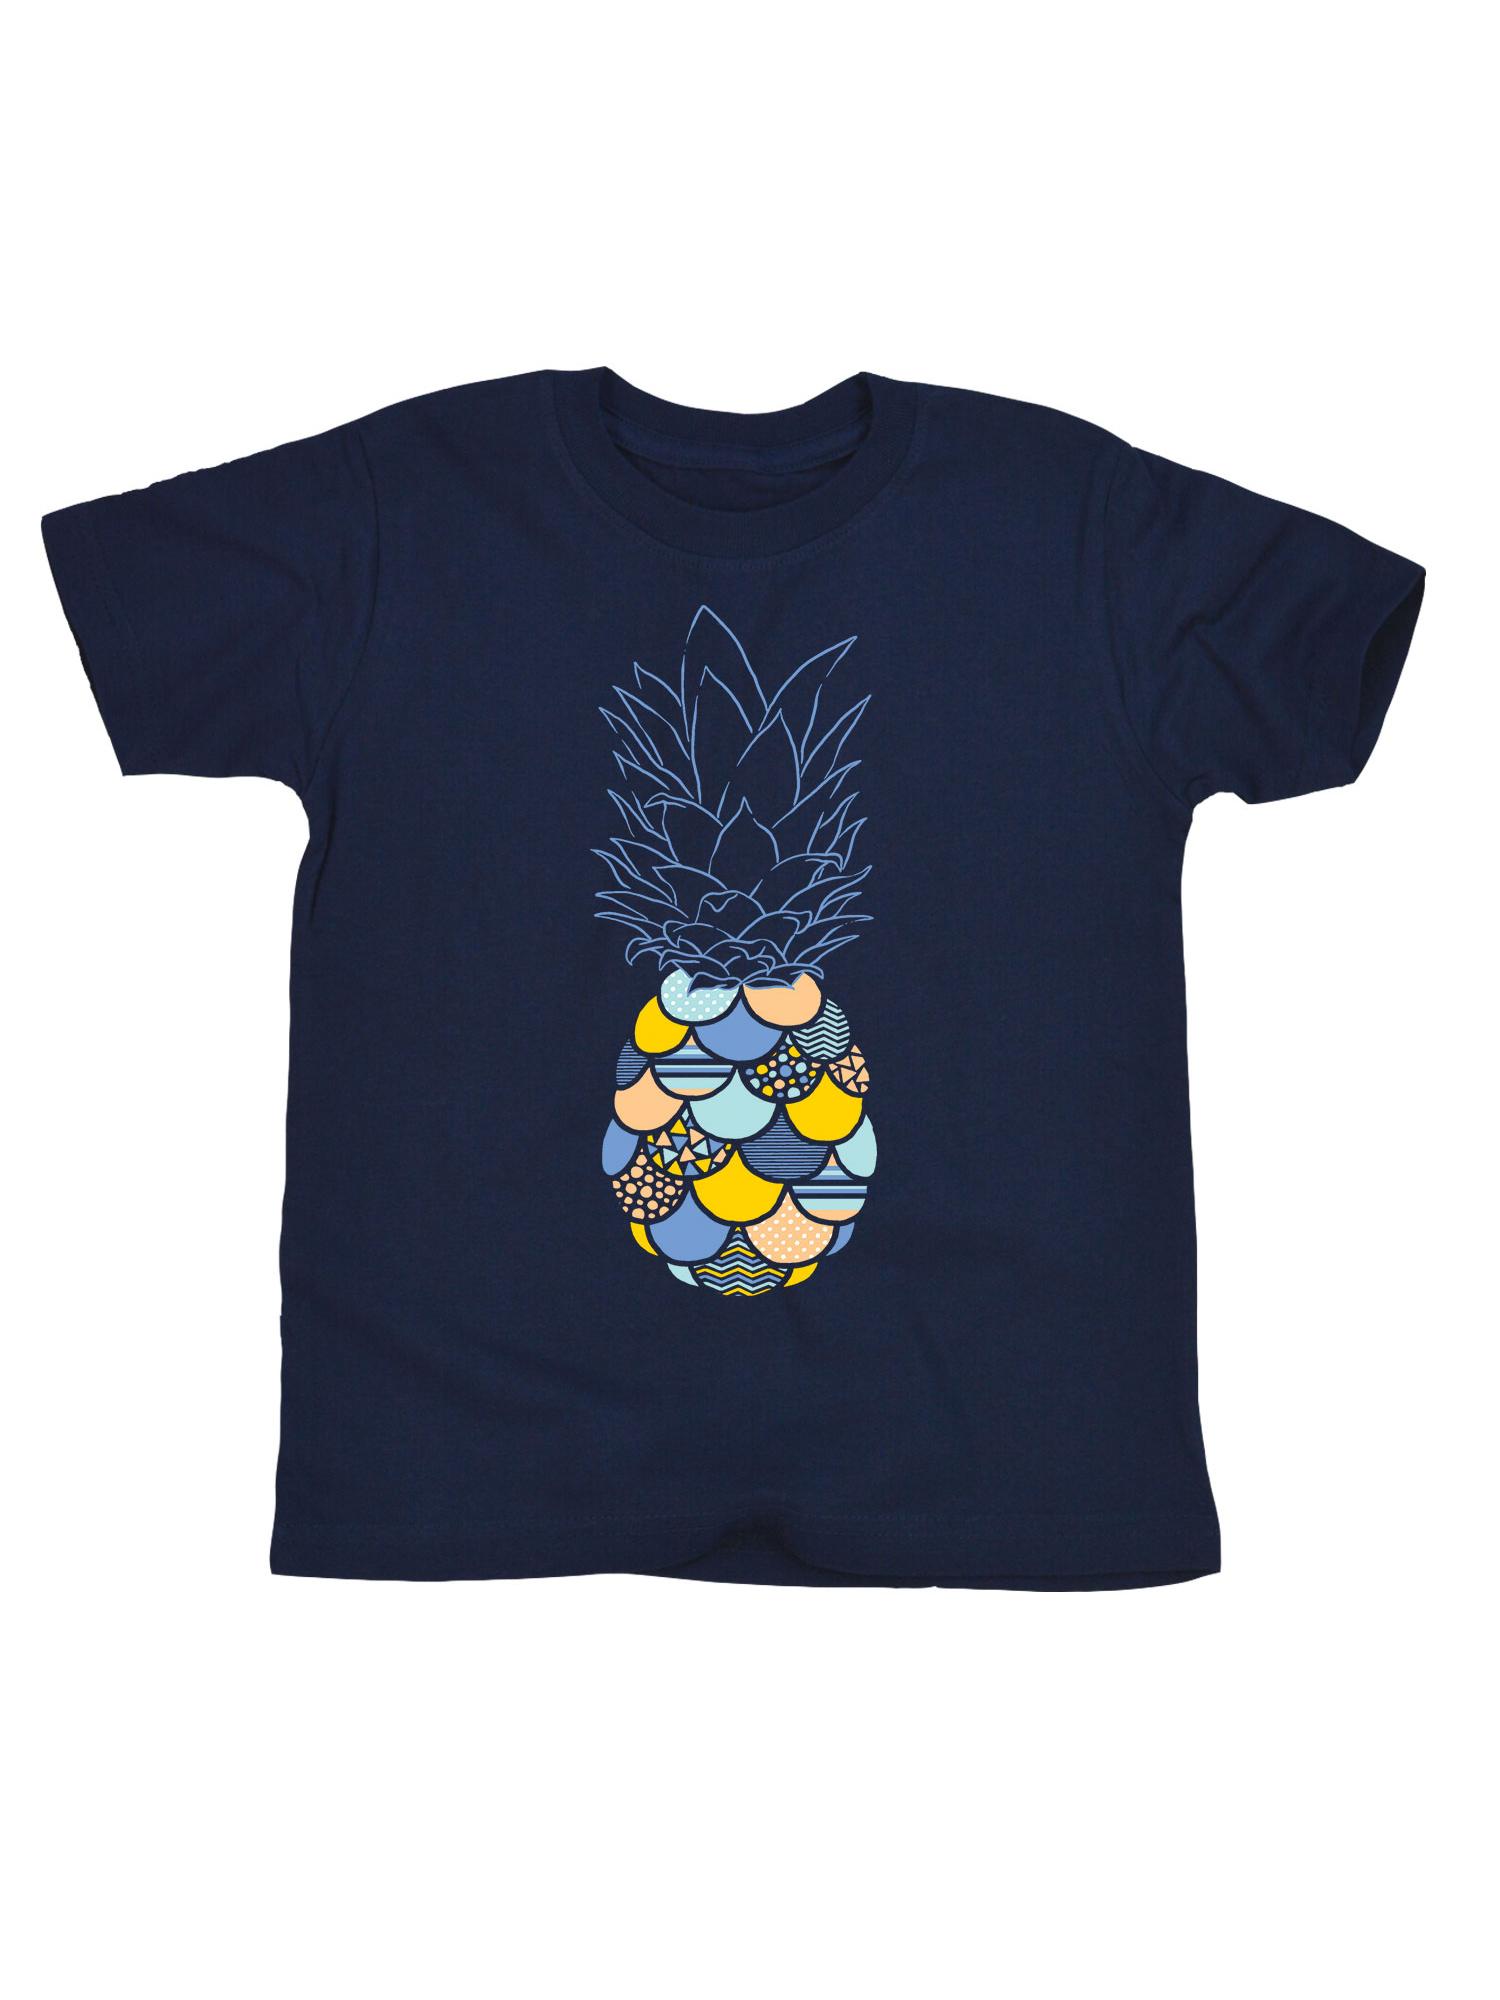 Patterned Pineappe Stripes Polka Dot Chevron Ocean Tropical Fruit Toddler Shirt